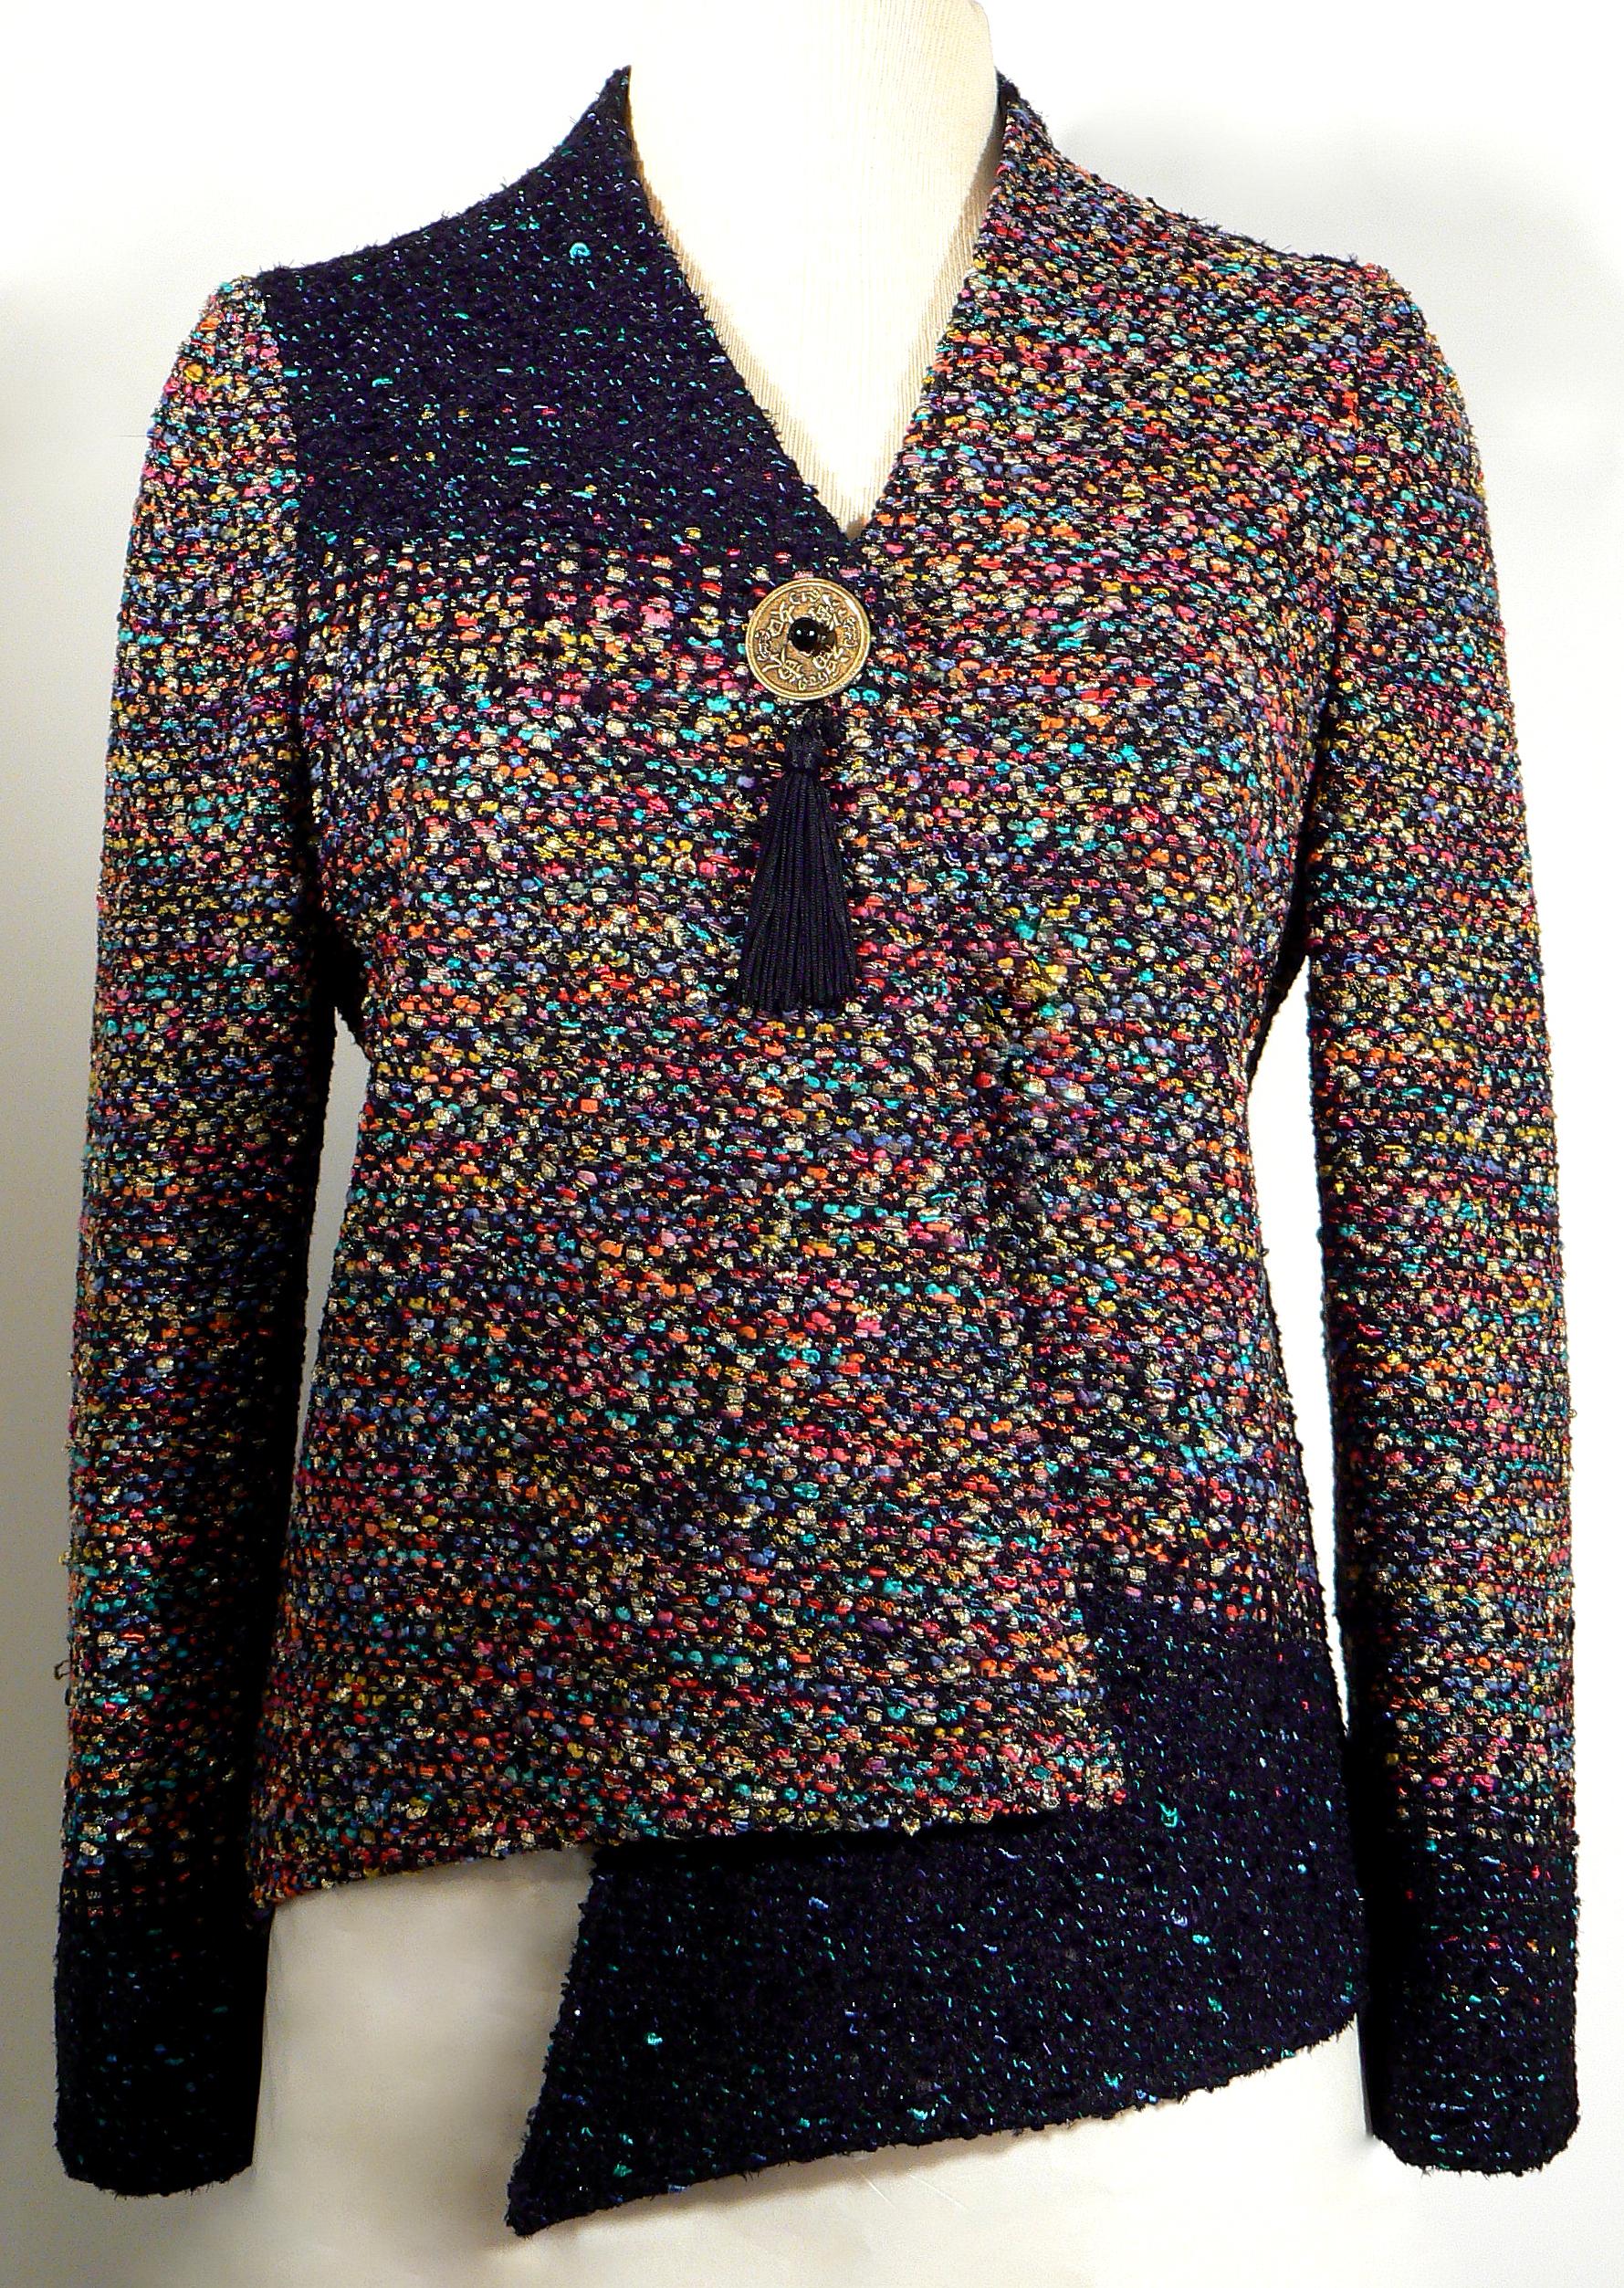 Handwoven Jacket Kathleen Weir-West 4-001.JPG